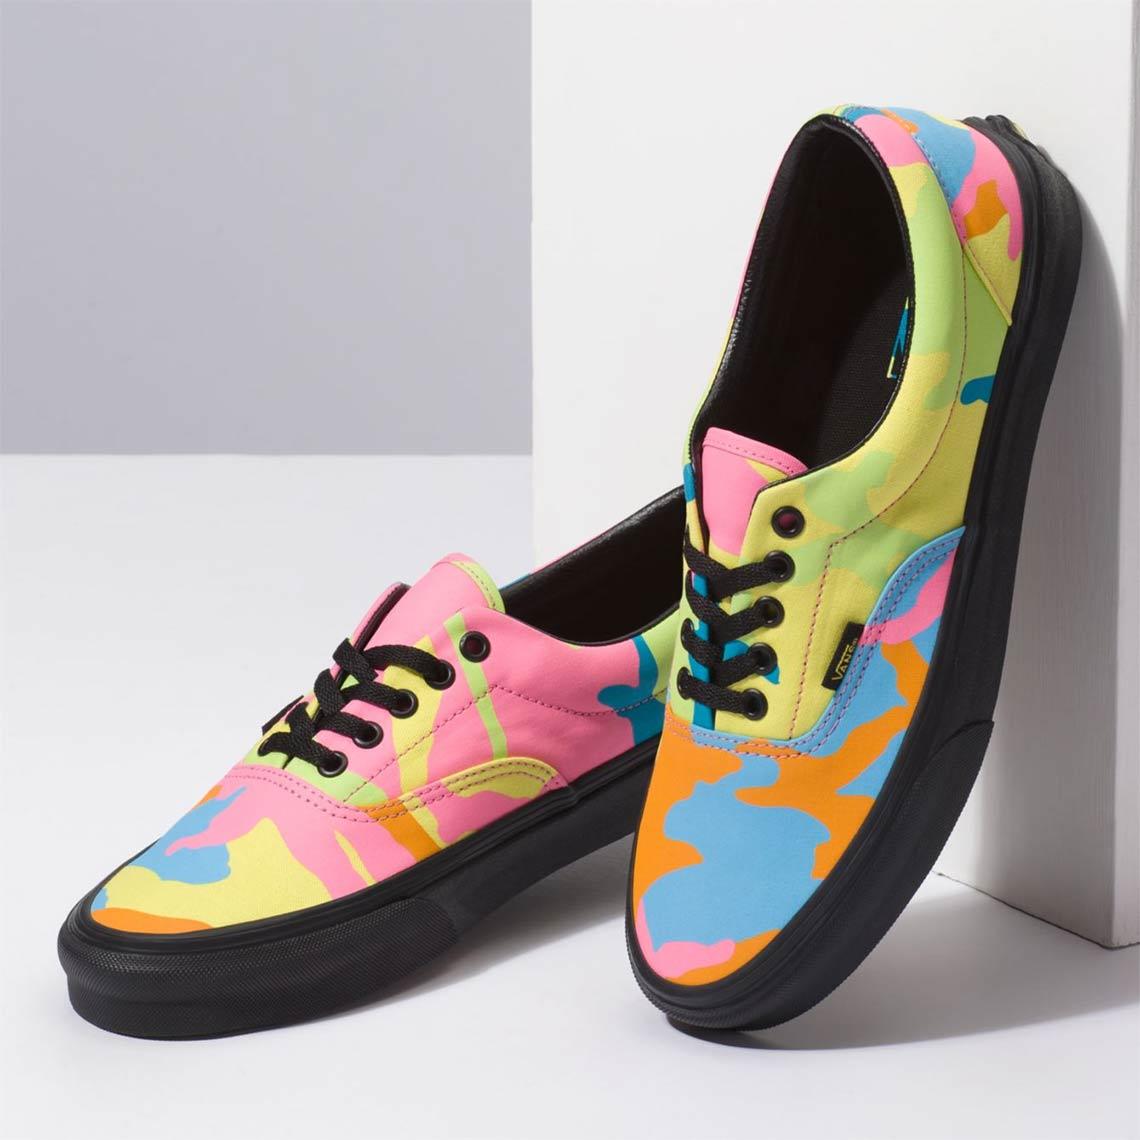 77548e113490b Vans Era Neon Camo Available Now | SneakerNews.com